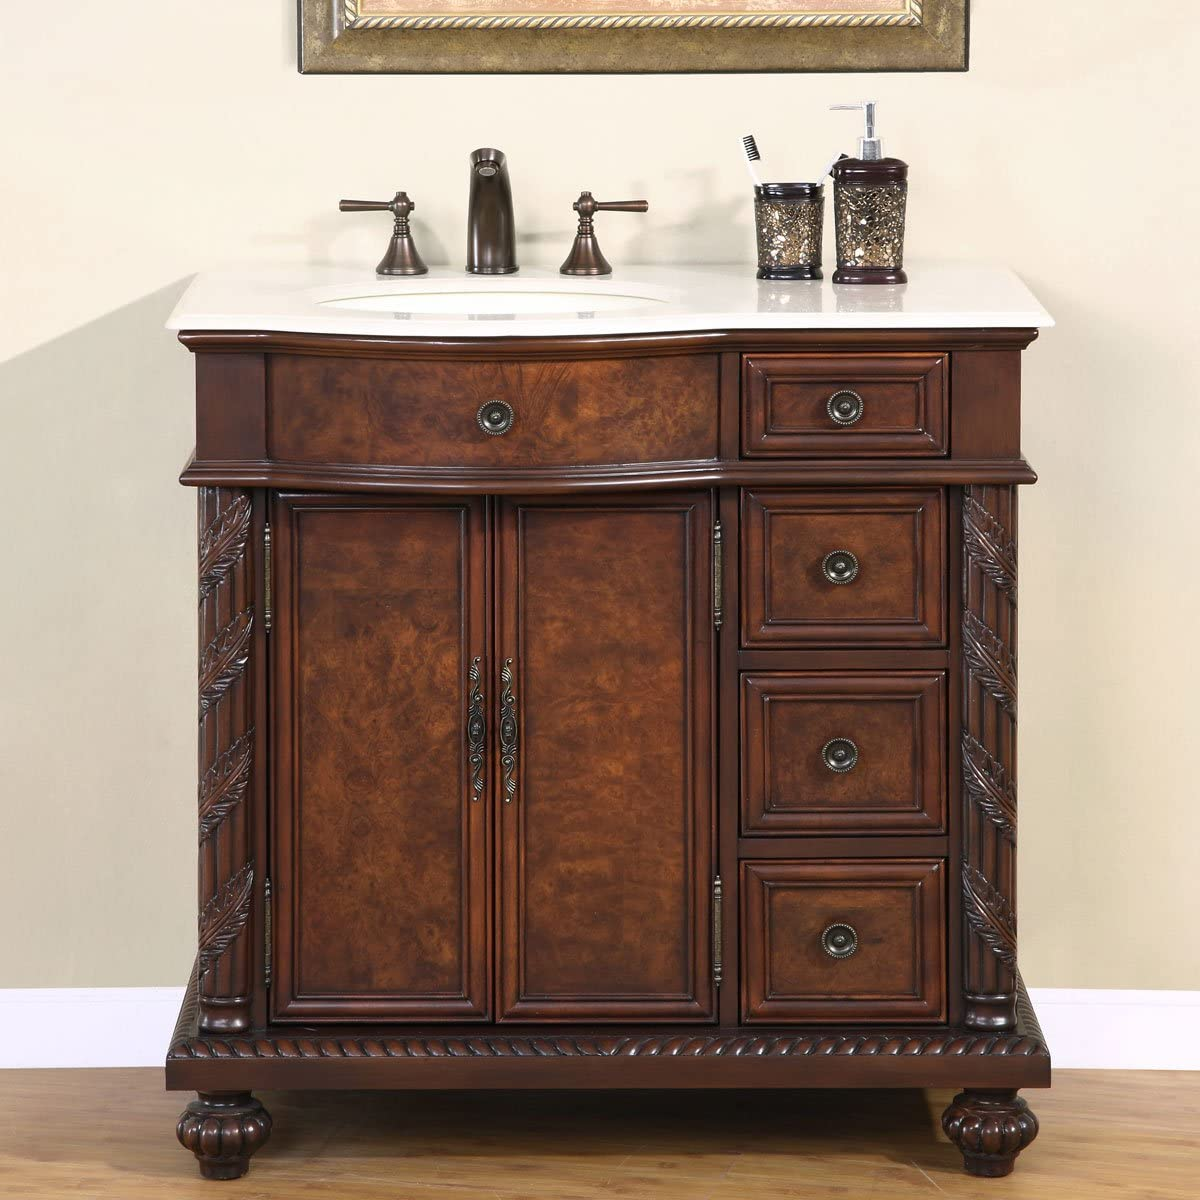 Silkroad Exclusive Marble Top Single Left Sink Bathroom Vanity with Furniture Cabinet, 36 , Medium Wood